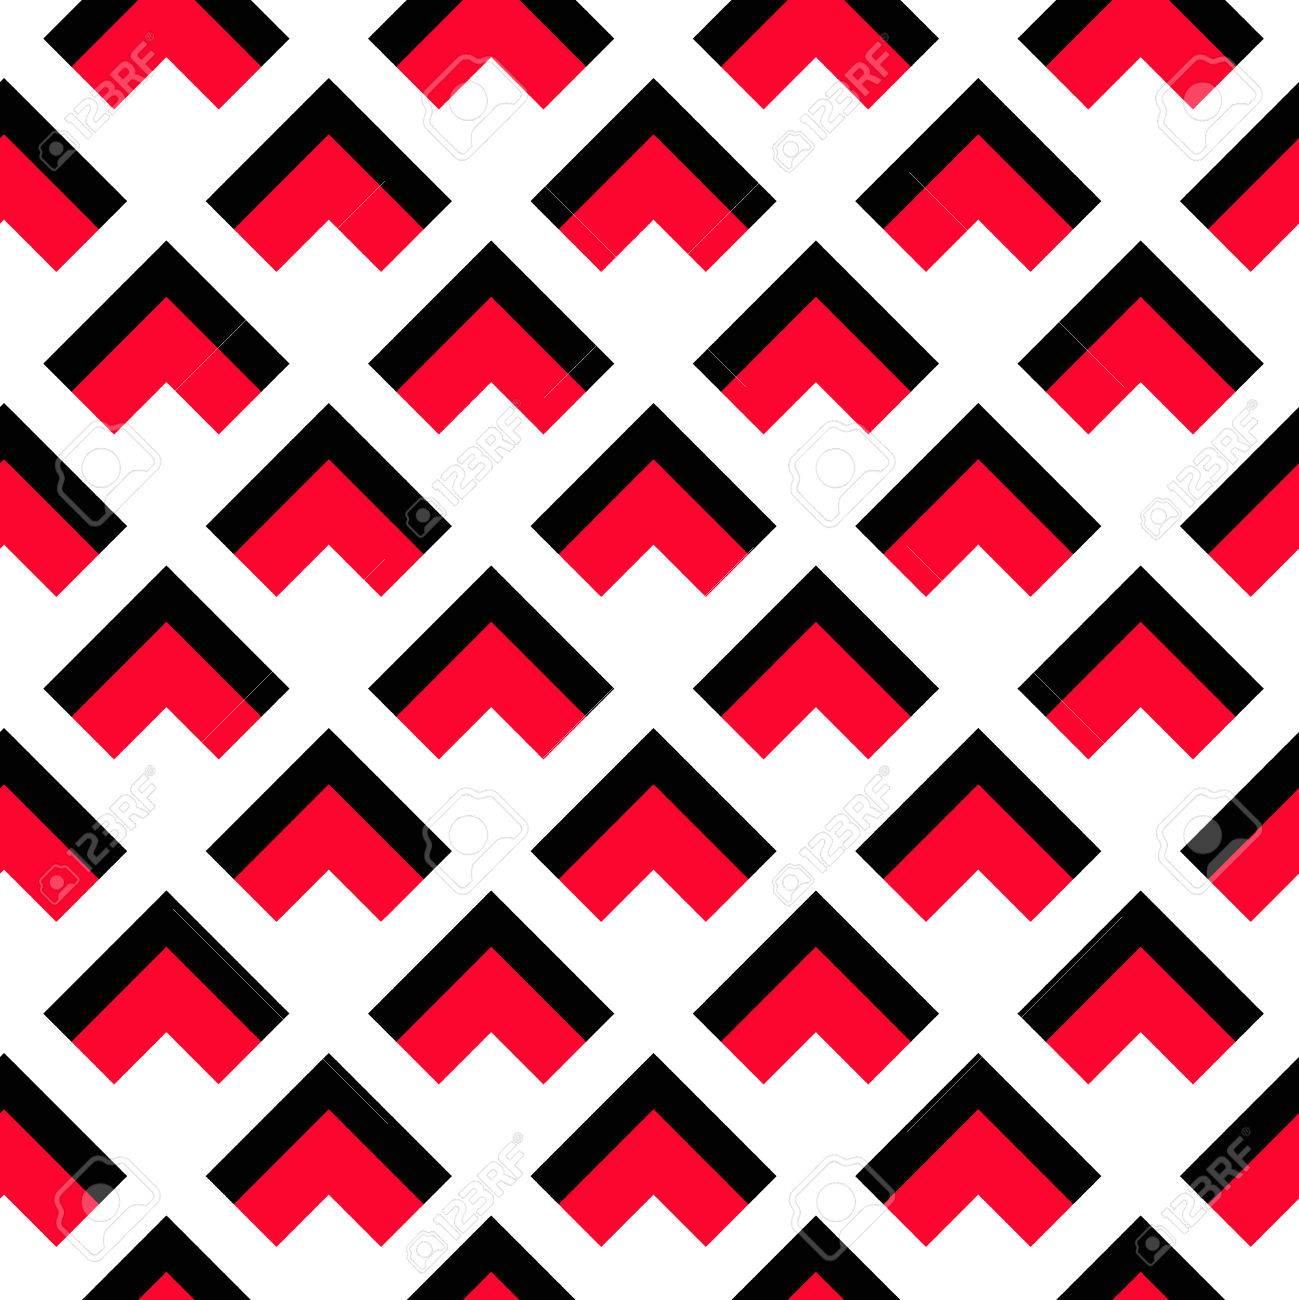 Vecteur De Fond Motif Geometrique Noir Motif De Triangle Rouge Sur Fond Blanc Motif Decoratif Pour Le Papier Peint Les Meubles La Decoration Le